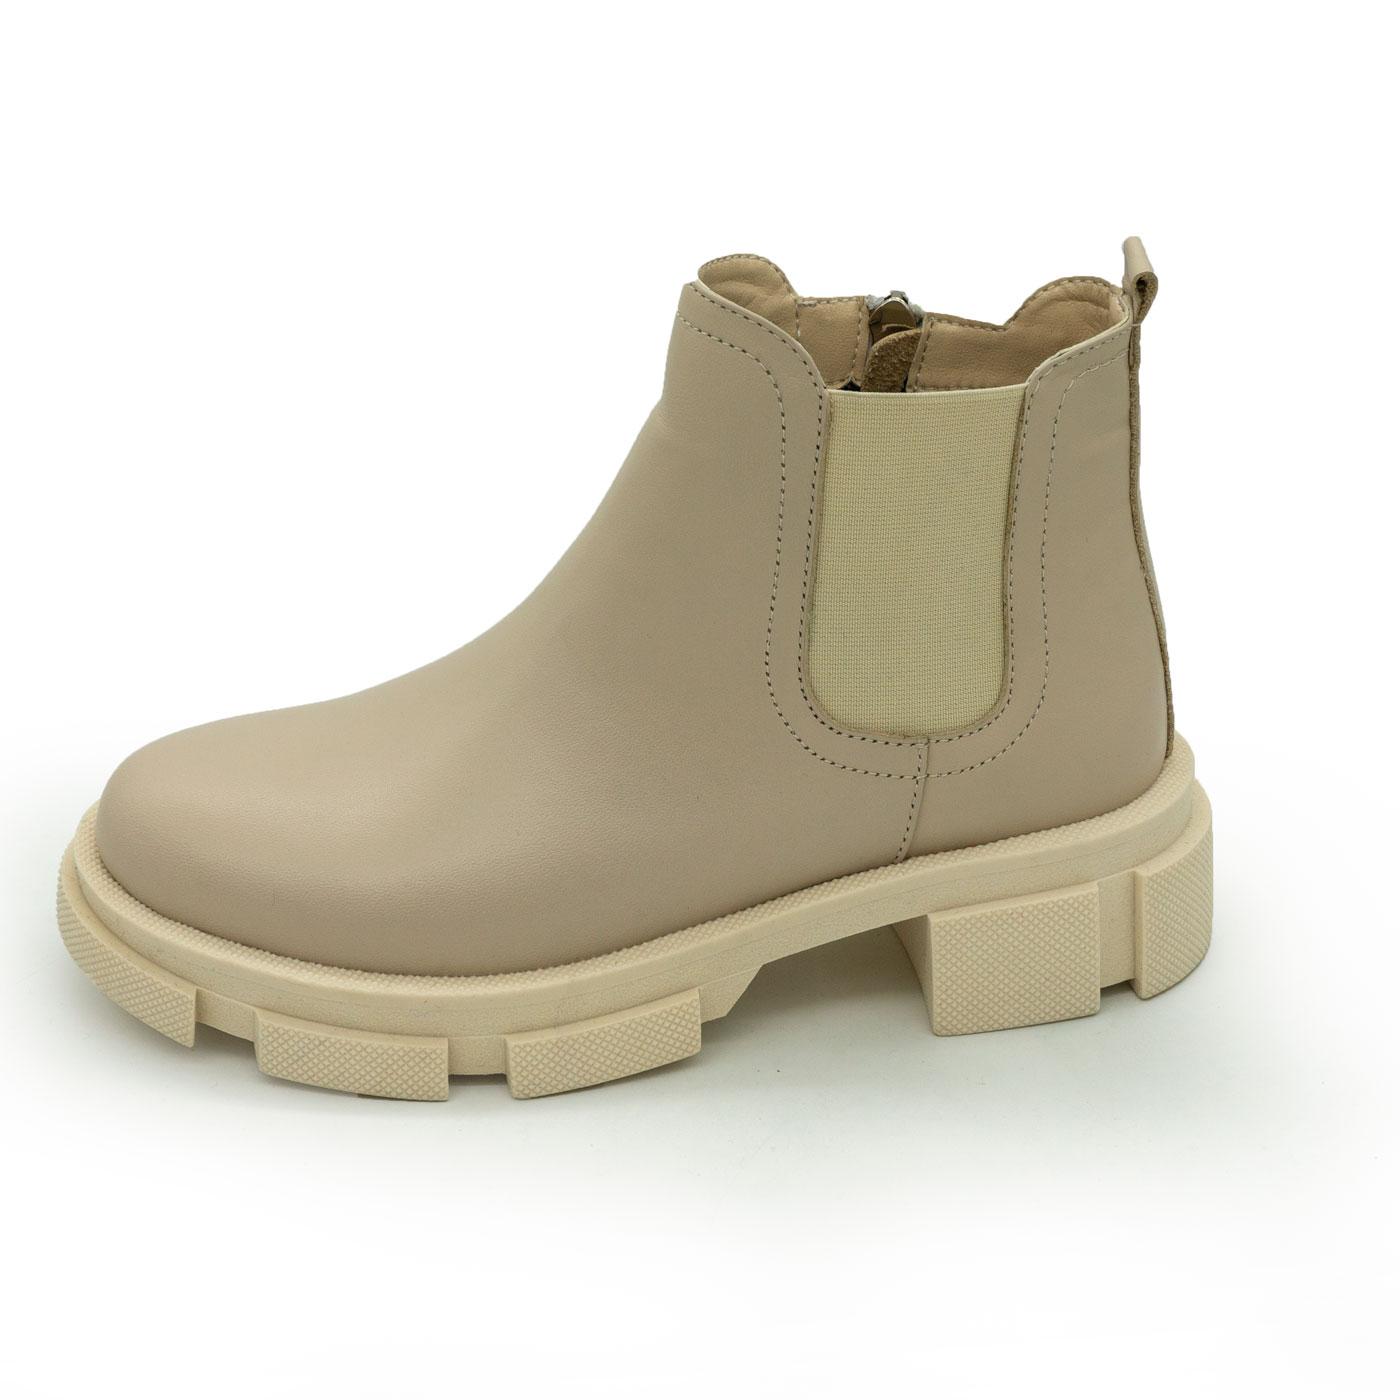 фото main Бежевые женские туфли Dr. Martens chelsea, натуральная кожа main